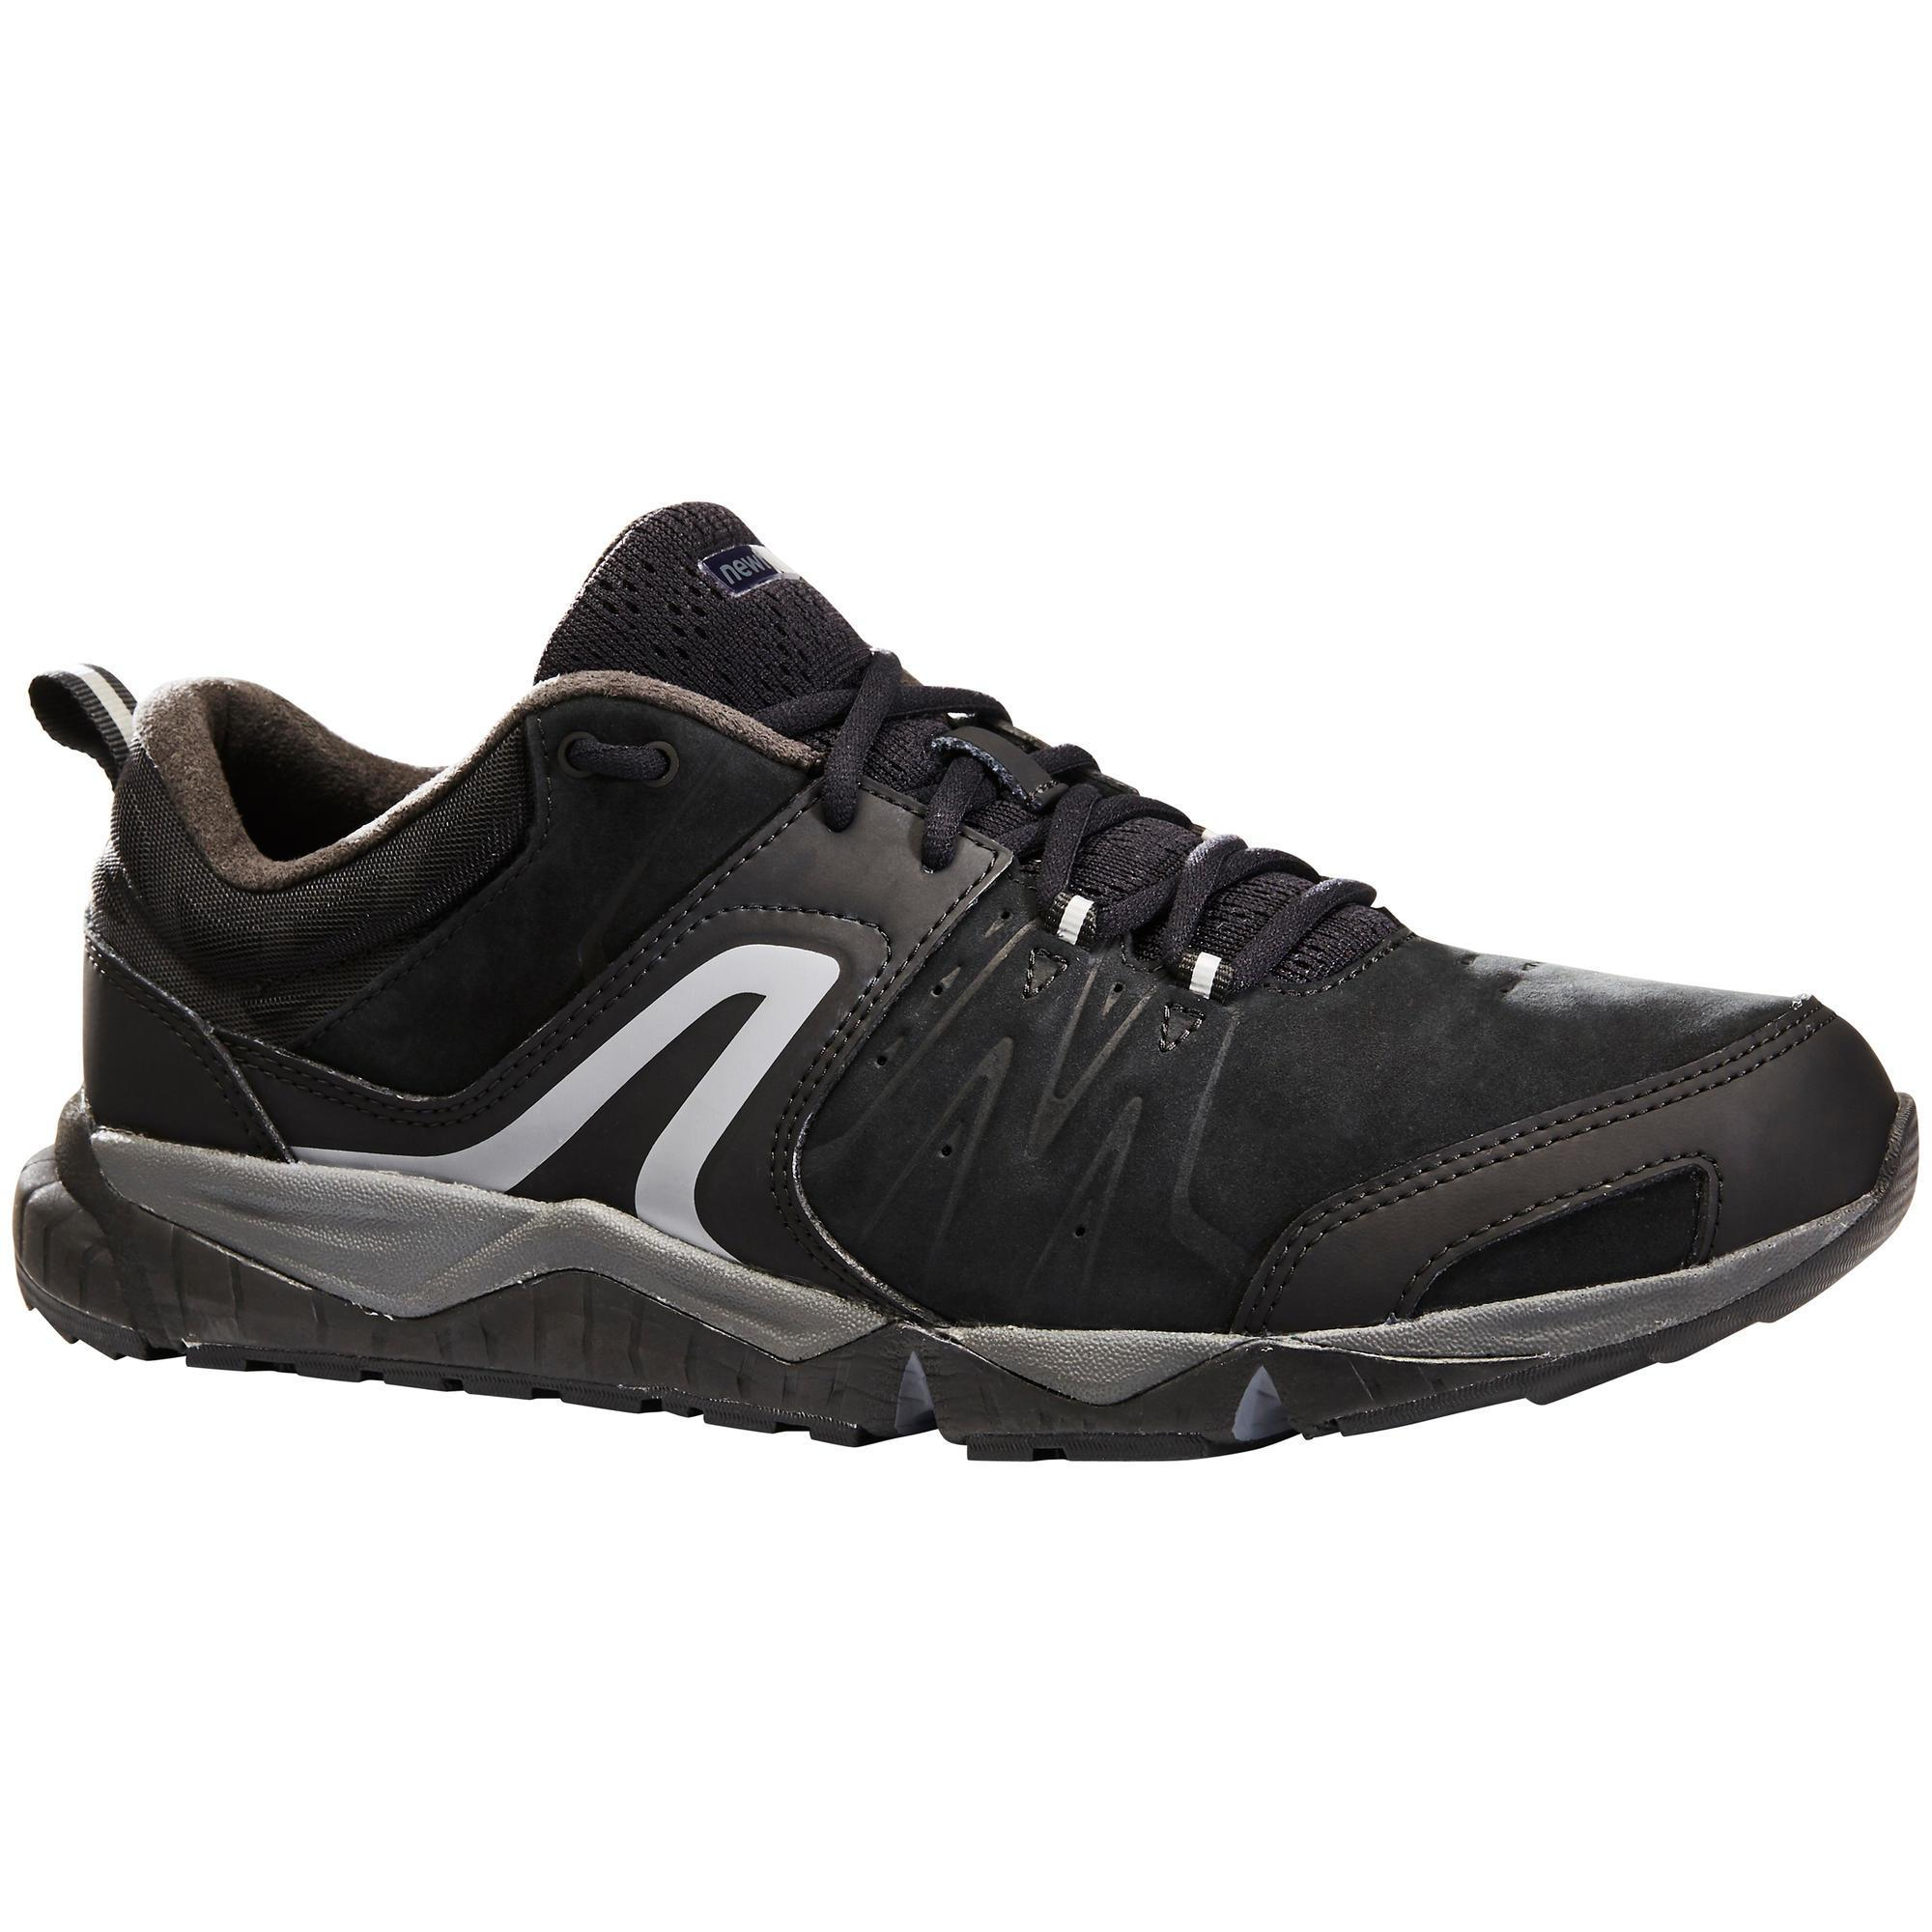 c784e0e7083 Comprar Zapatillas de Marcha Hombre Online